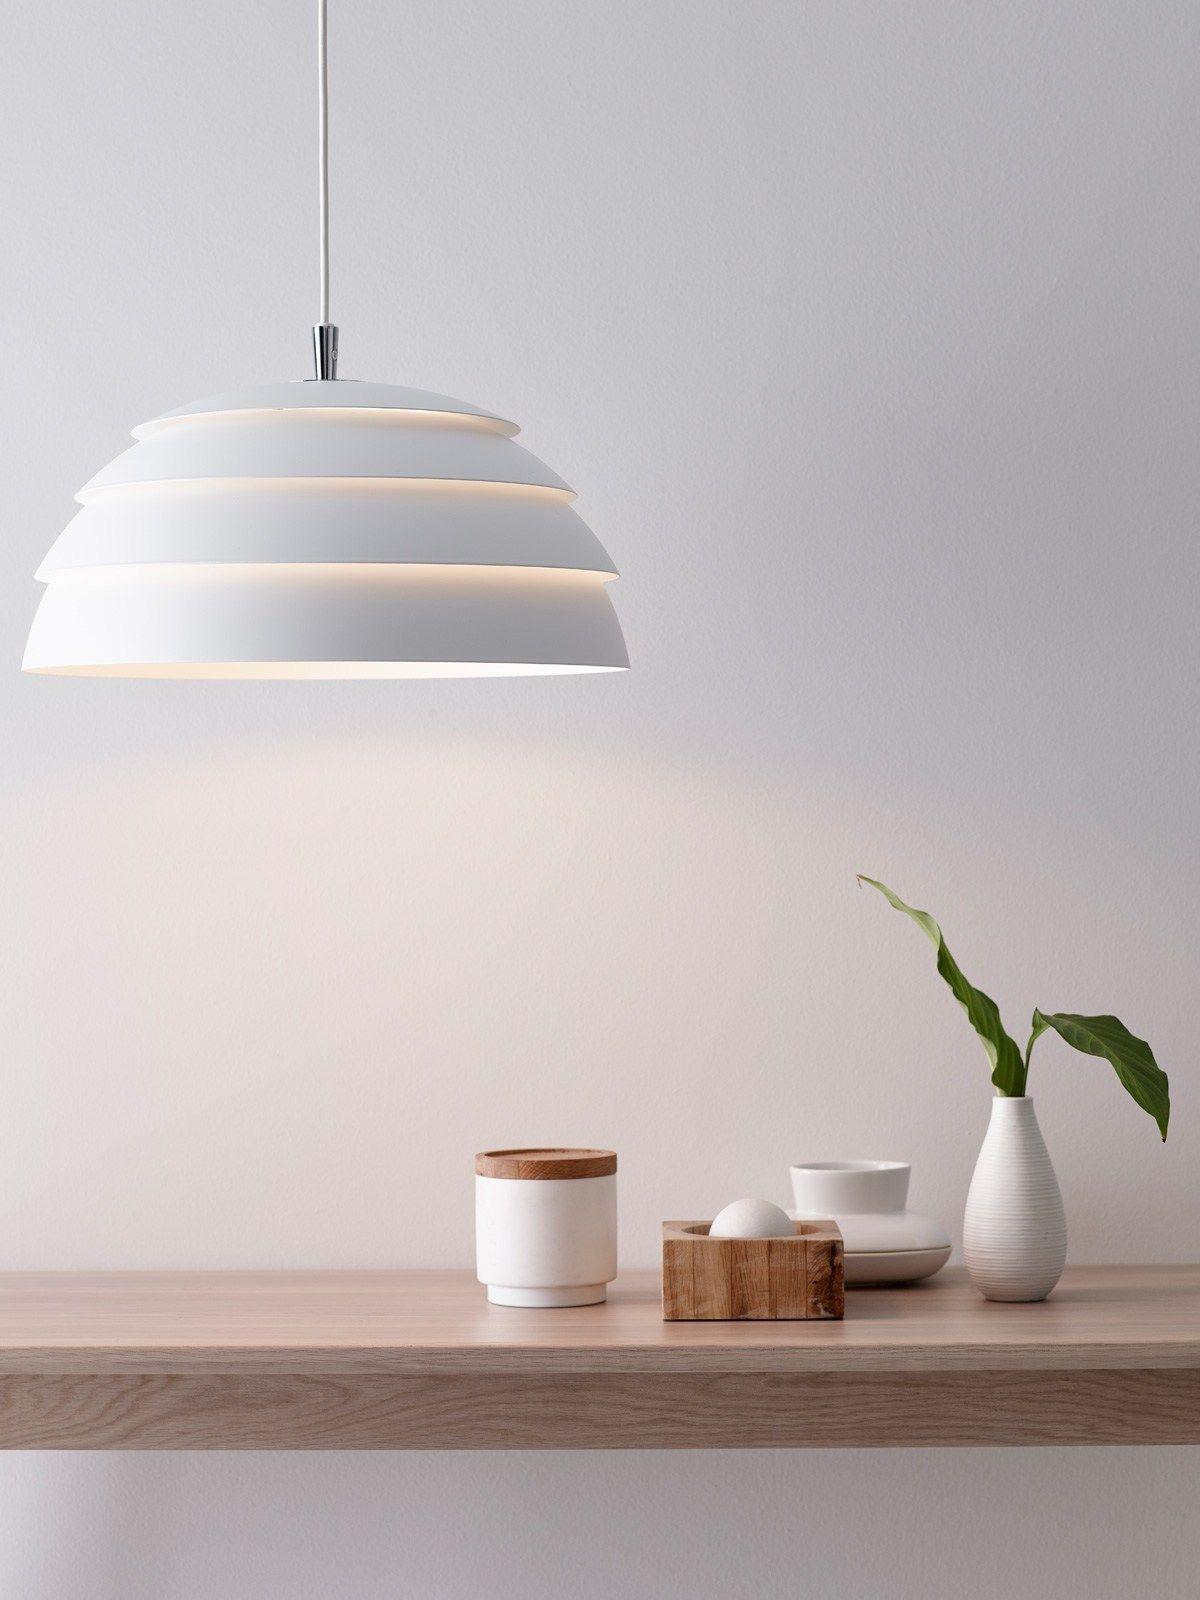 Covetto Designort Com Esstisch Beleuchtung Leuchte Esstisch Skandinavische Lampen